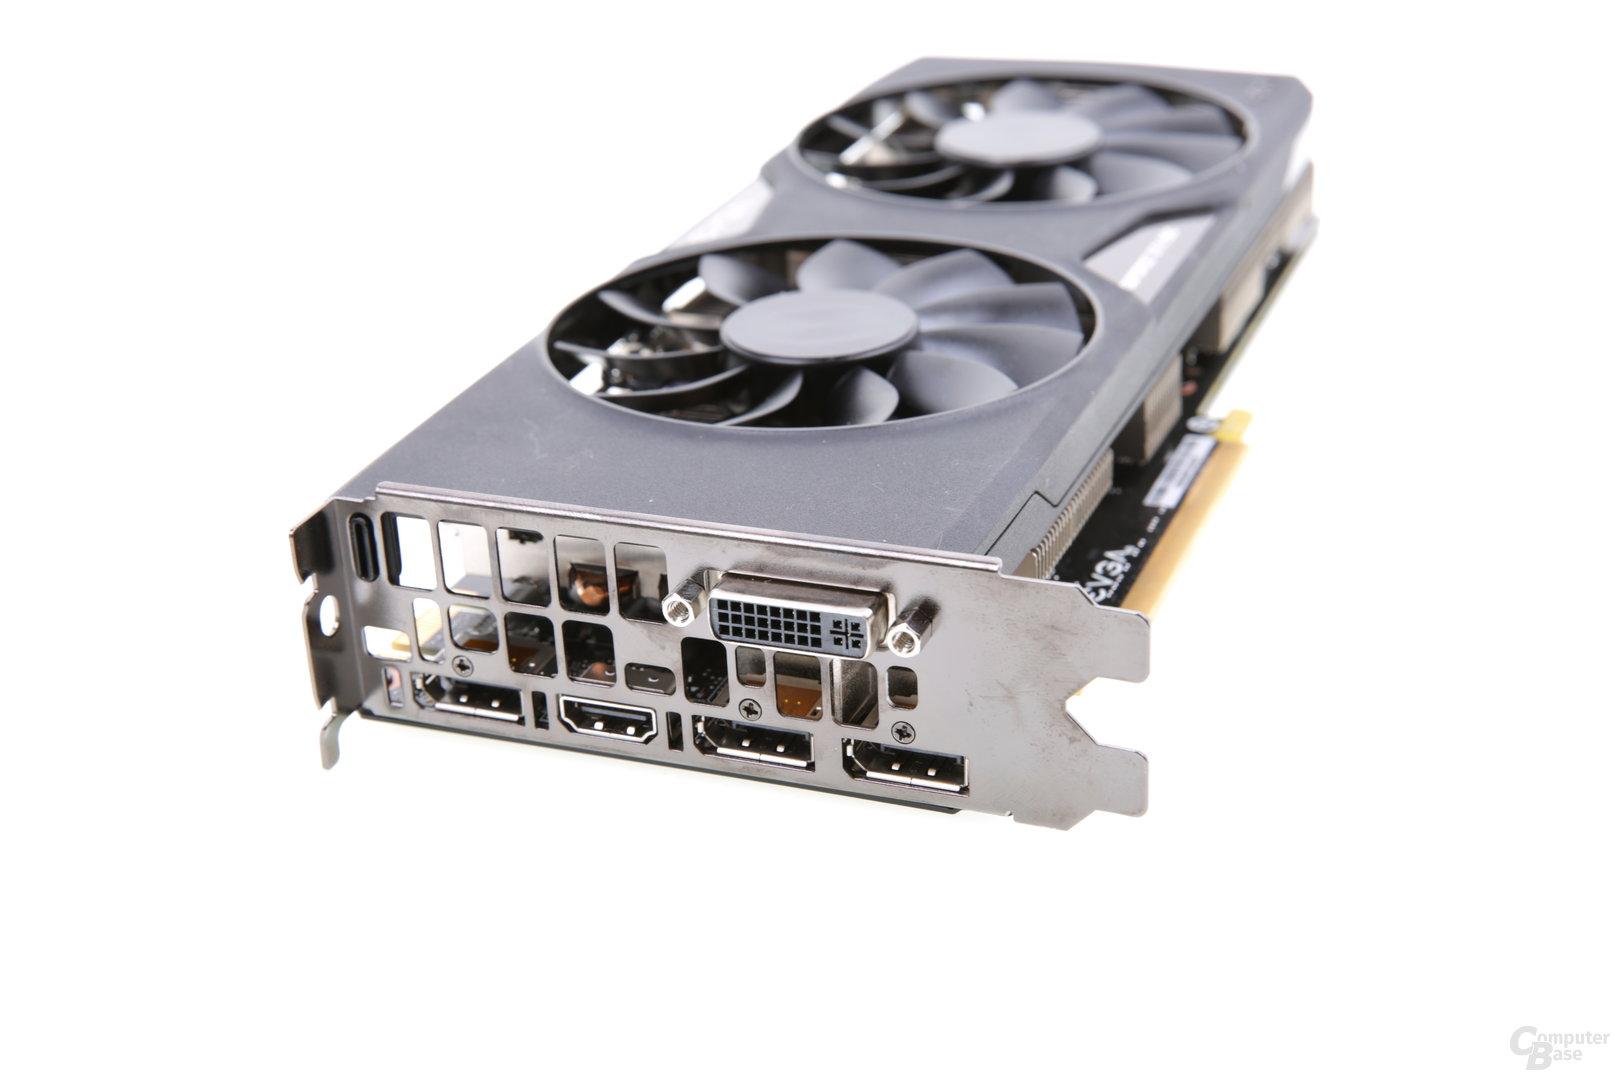 EVGA GeForce GTX 950 FTW - Monitoranschlüsse